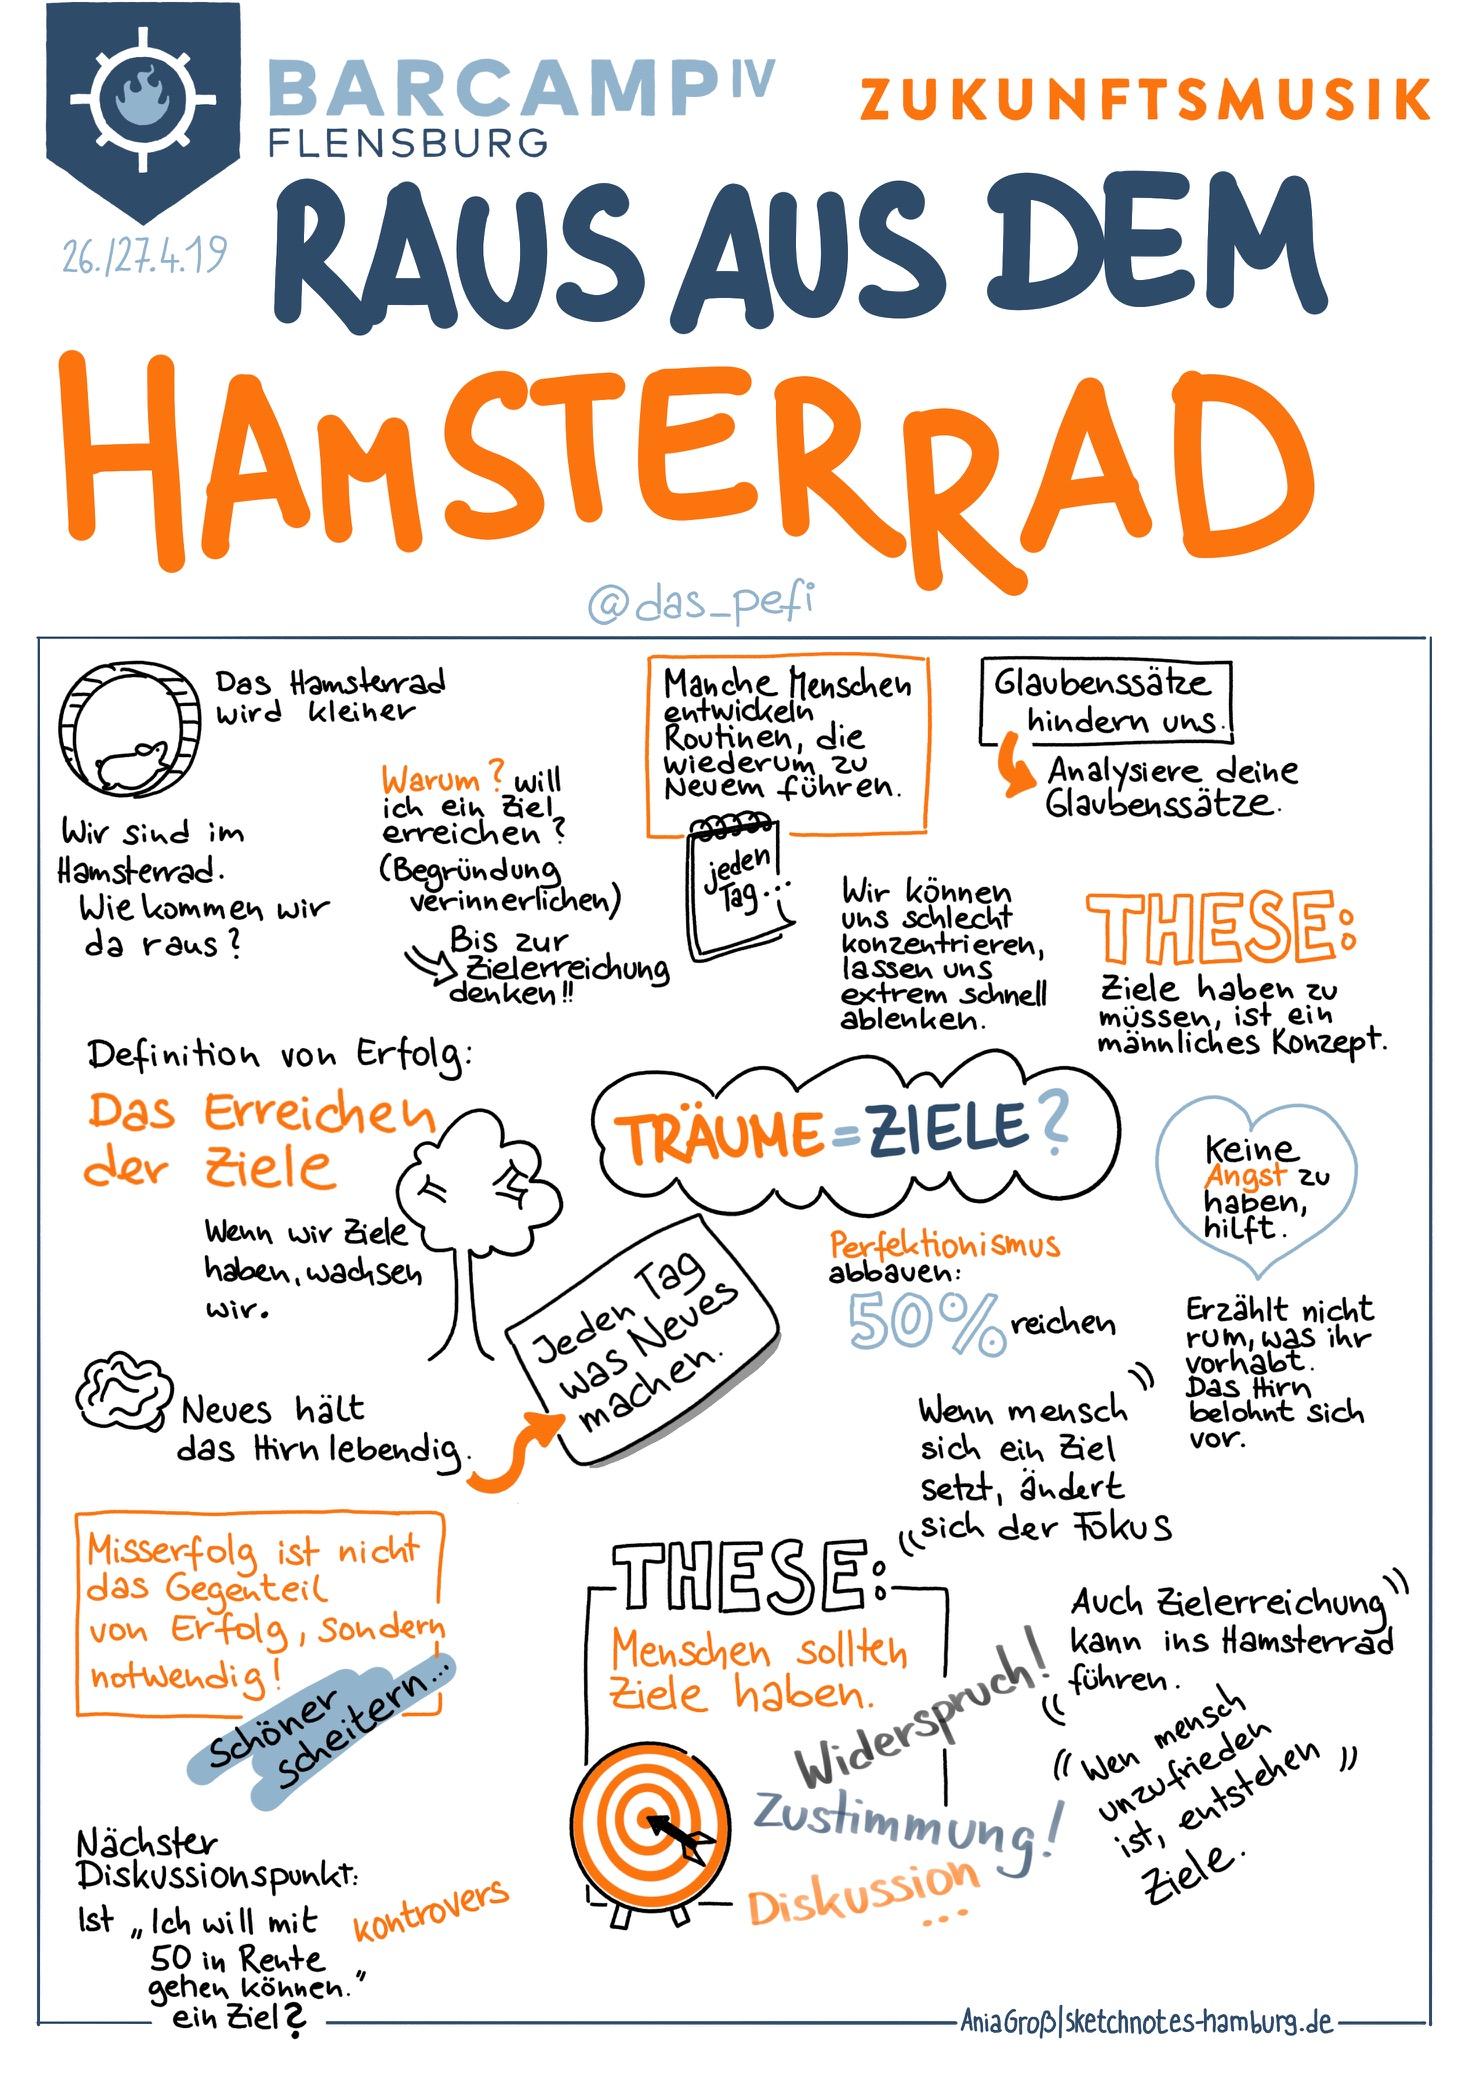 Peter macht aus dem Hamsterrad eine Karriereleiter. Definition von Erfolg: Die Ziele sind erreicht.Sketchnotes: © Ania Groß